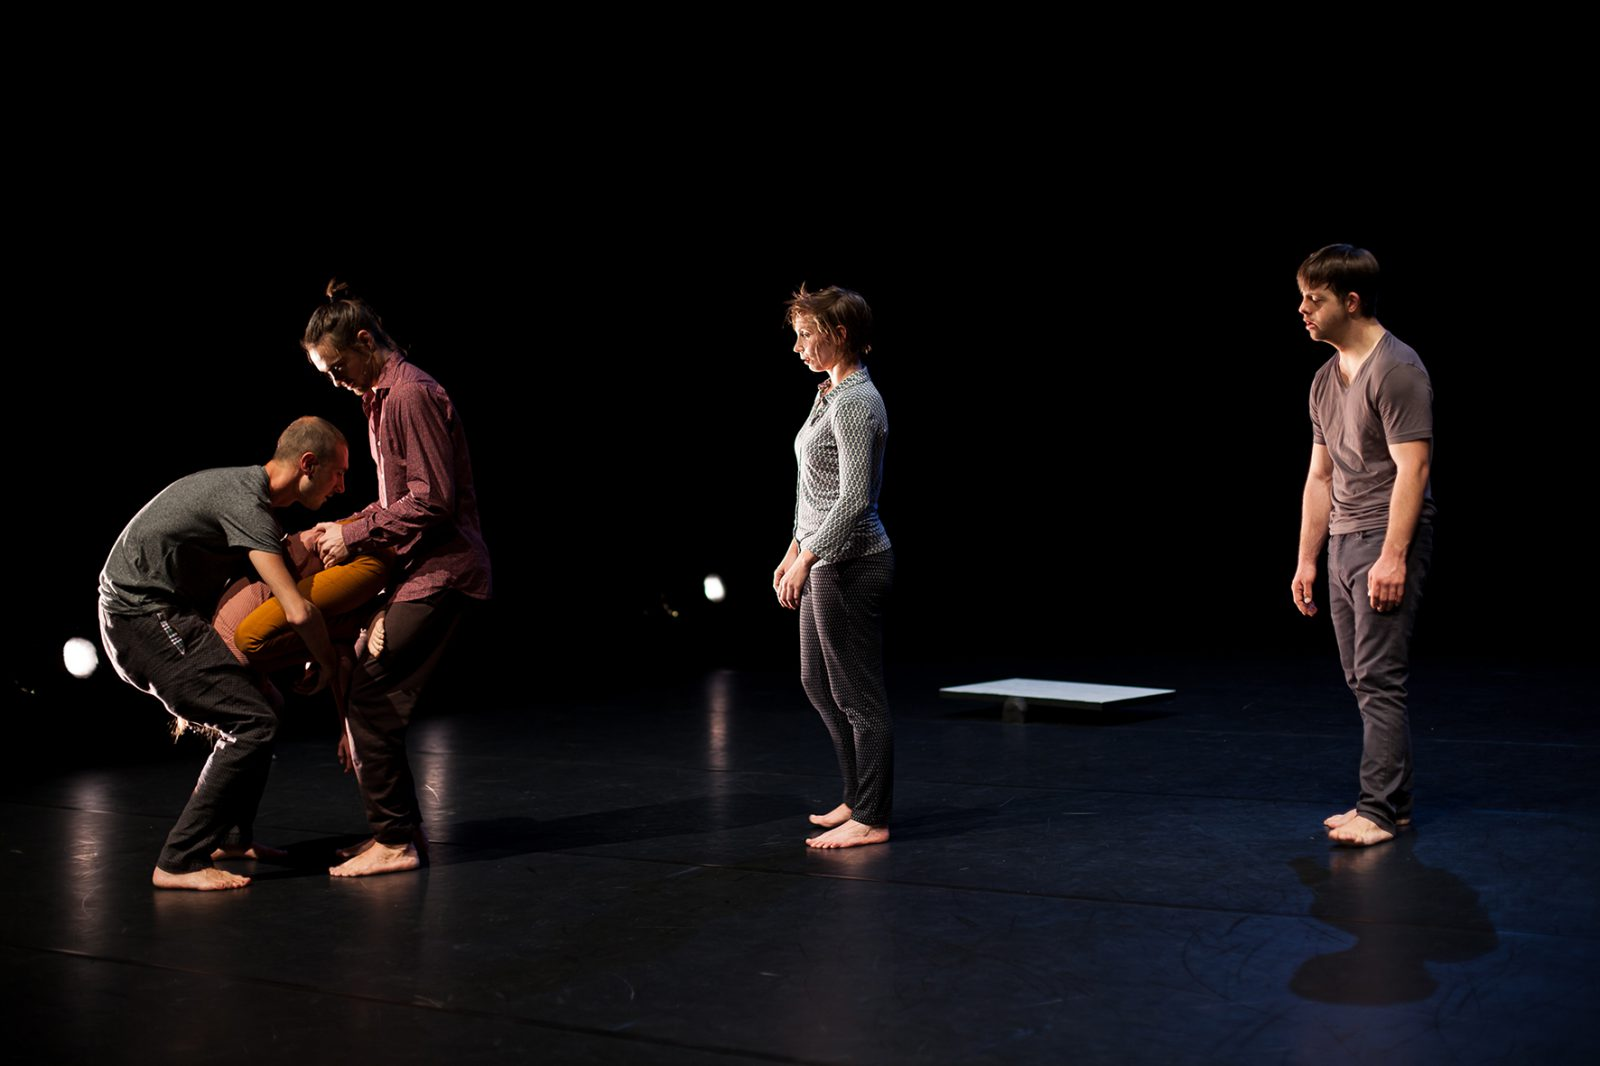 eine Gruppe von TänzerInnen